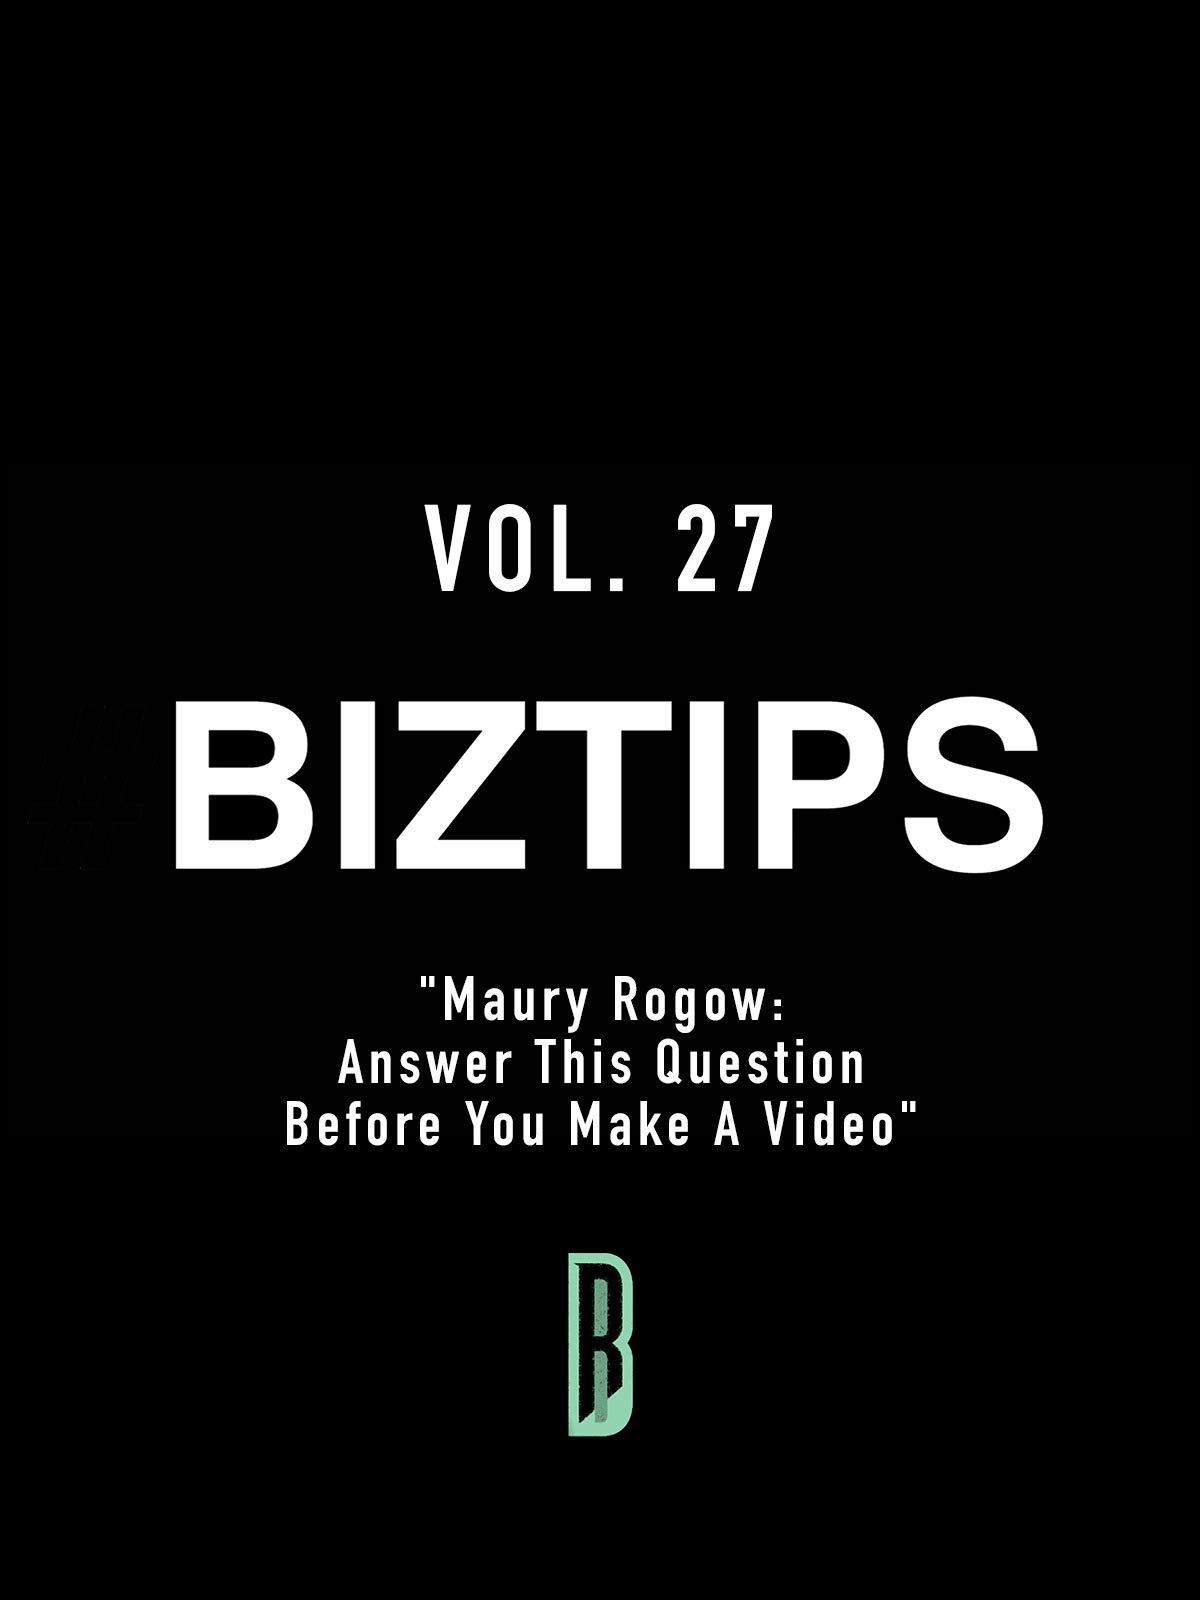 BizTips Vol. 27